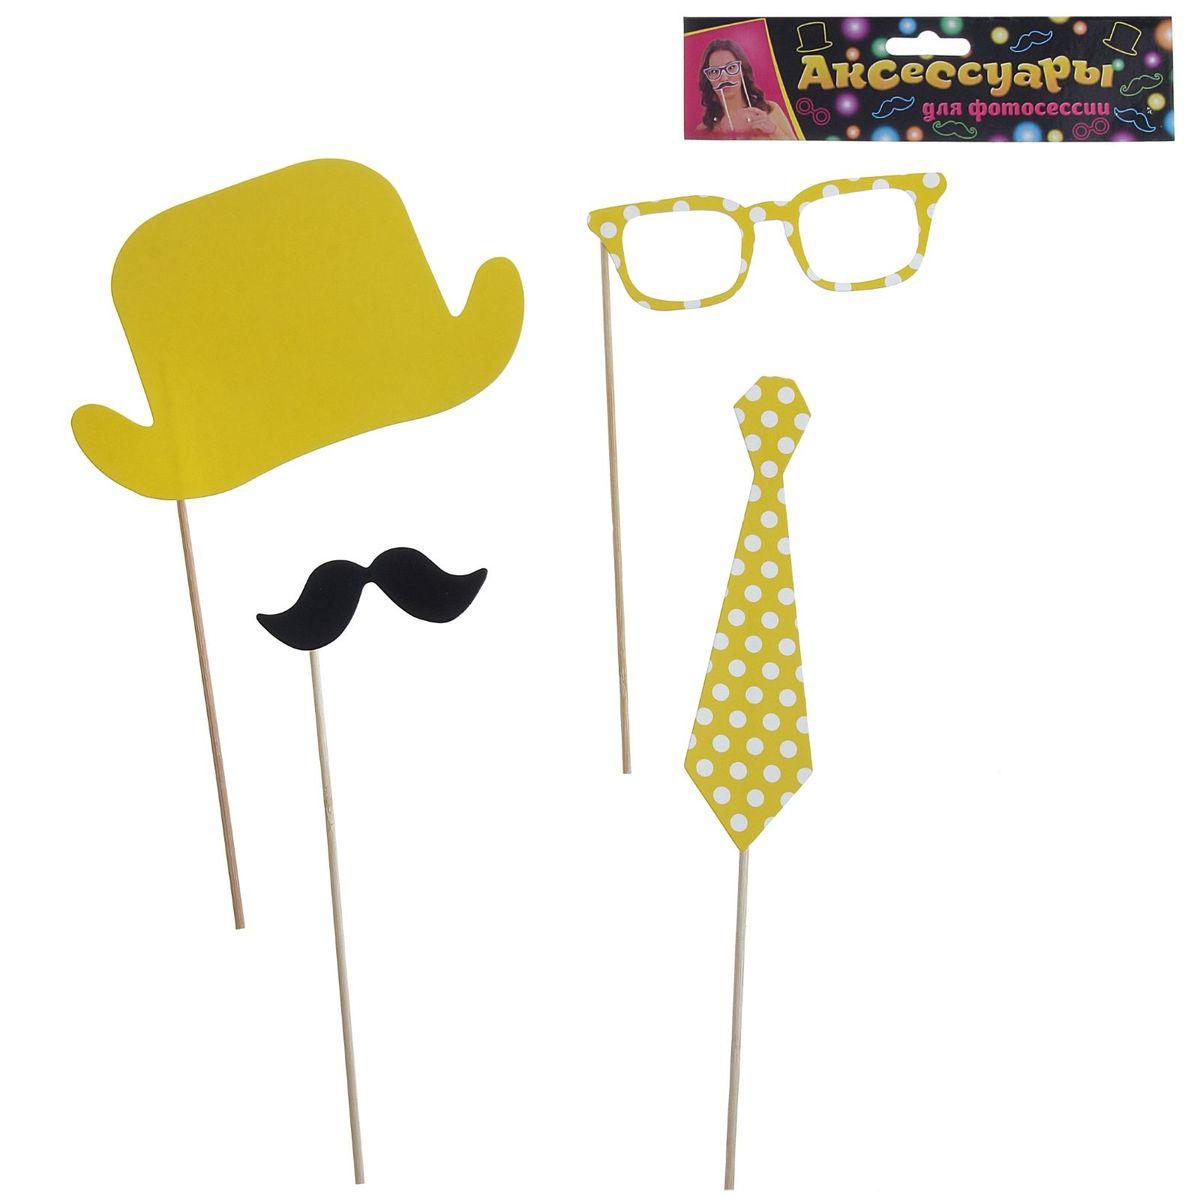 Аксессуары для фотосессии на палочке Страна Карнавалия, 4 предмета: шляпа, галстук, усы, очки, цвет желтый в горох320424Невозможно представить нашу жизнь без праздников! Мы всегда ждем и предвкушаем их, обдумываем, как проведем памятный день, тщательно выбираем подарки и аксессуары, ведь именно они создают и поддерживают праздничный настрой. Аксессуары для фотосессии на палочке - это отличный выбор, который привнесет атмосферу праздника в ваш дом!